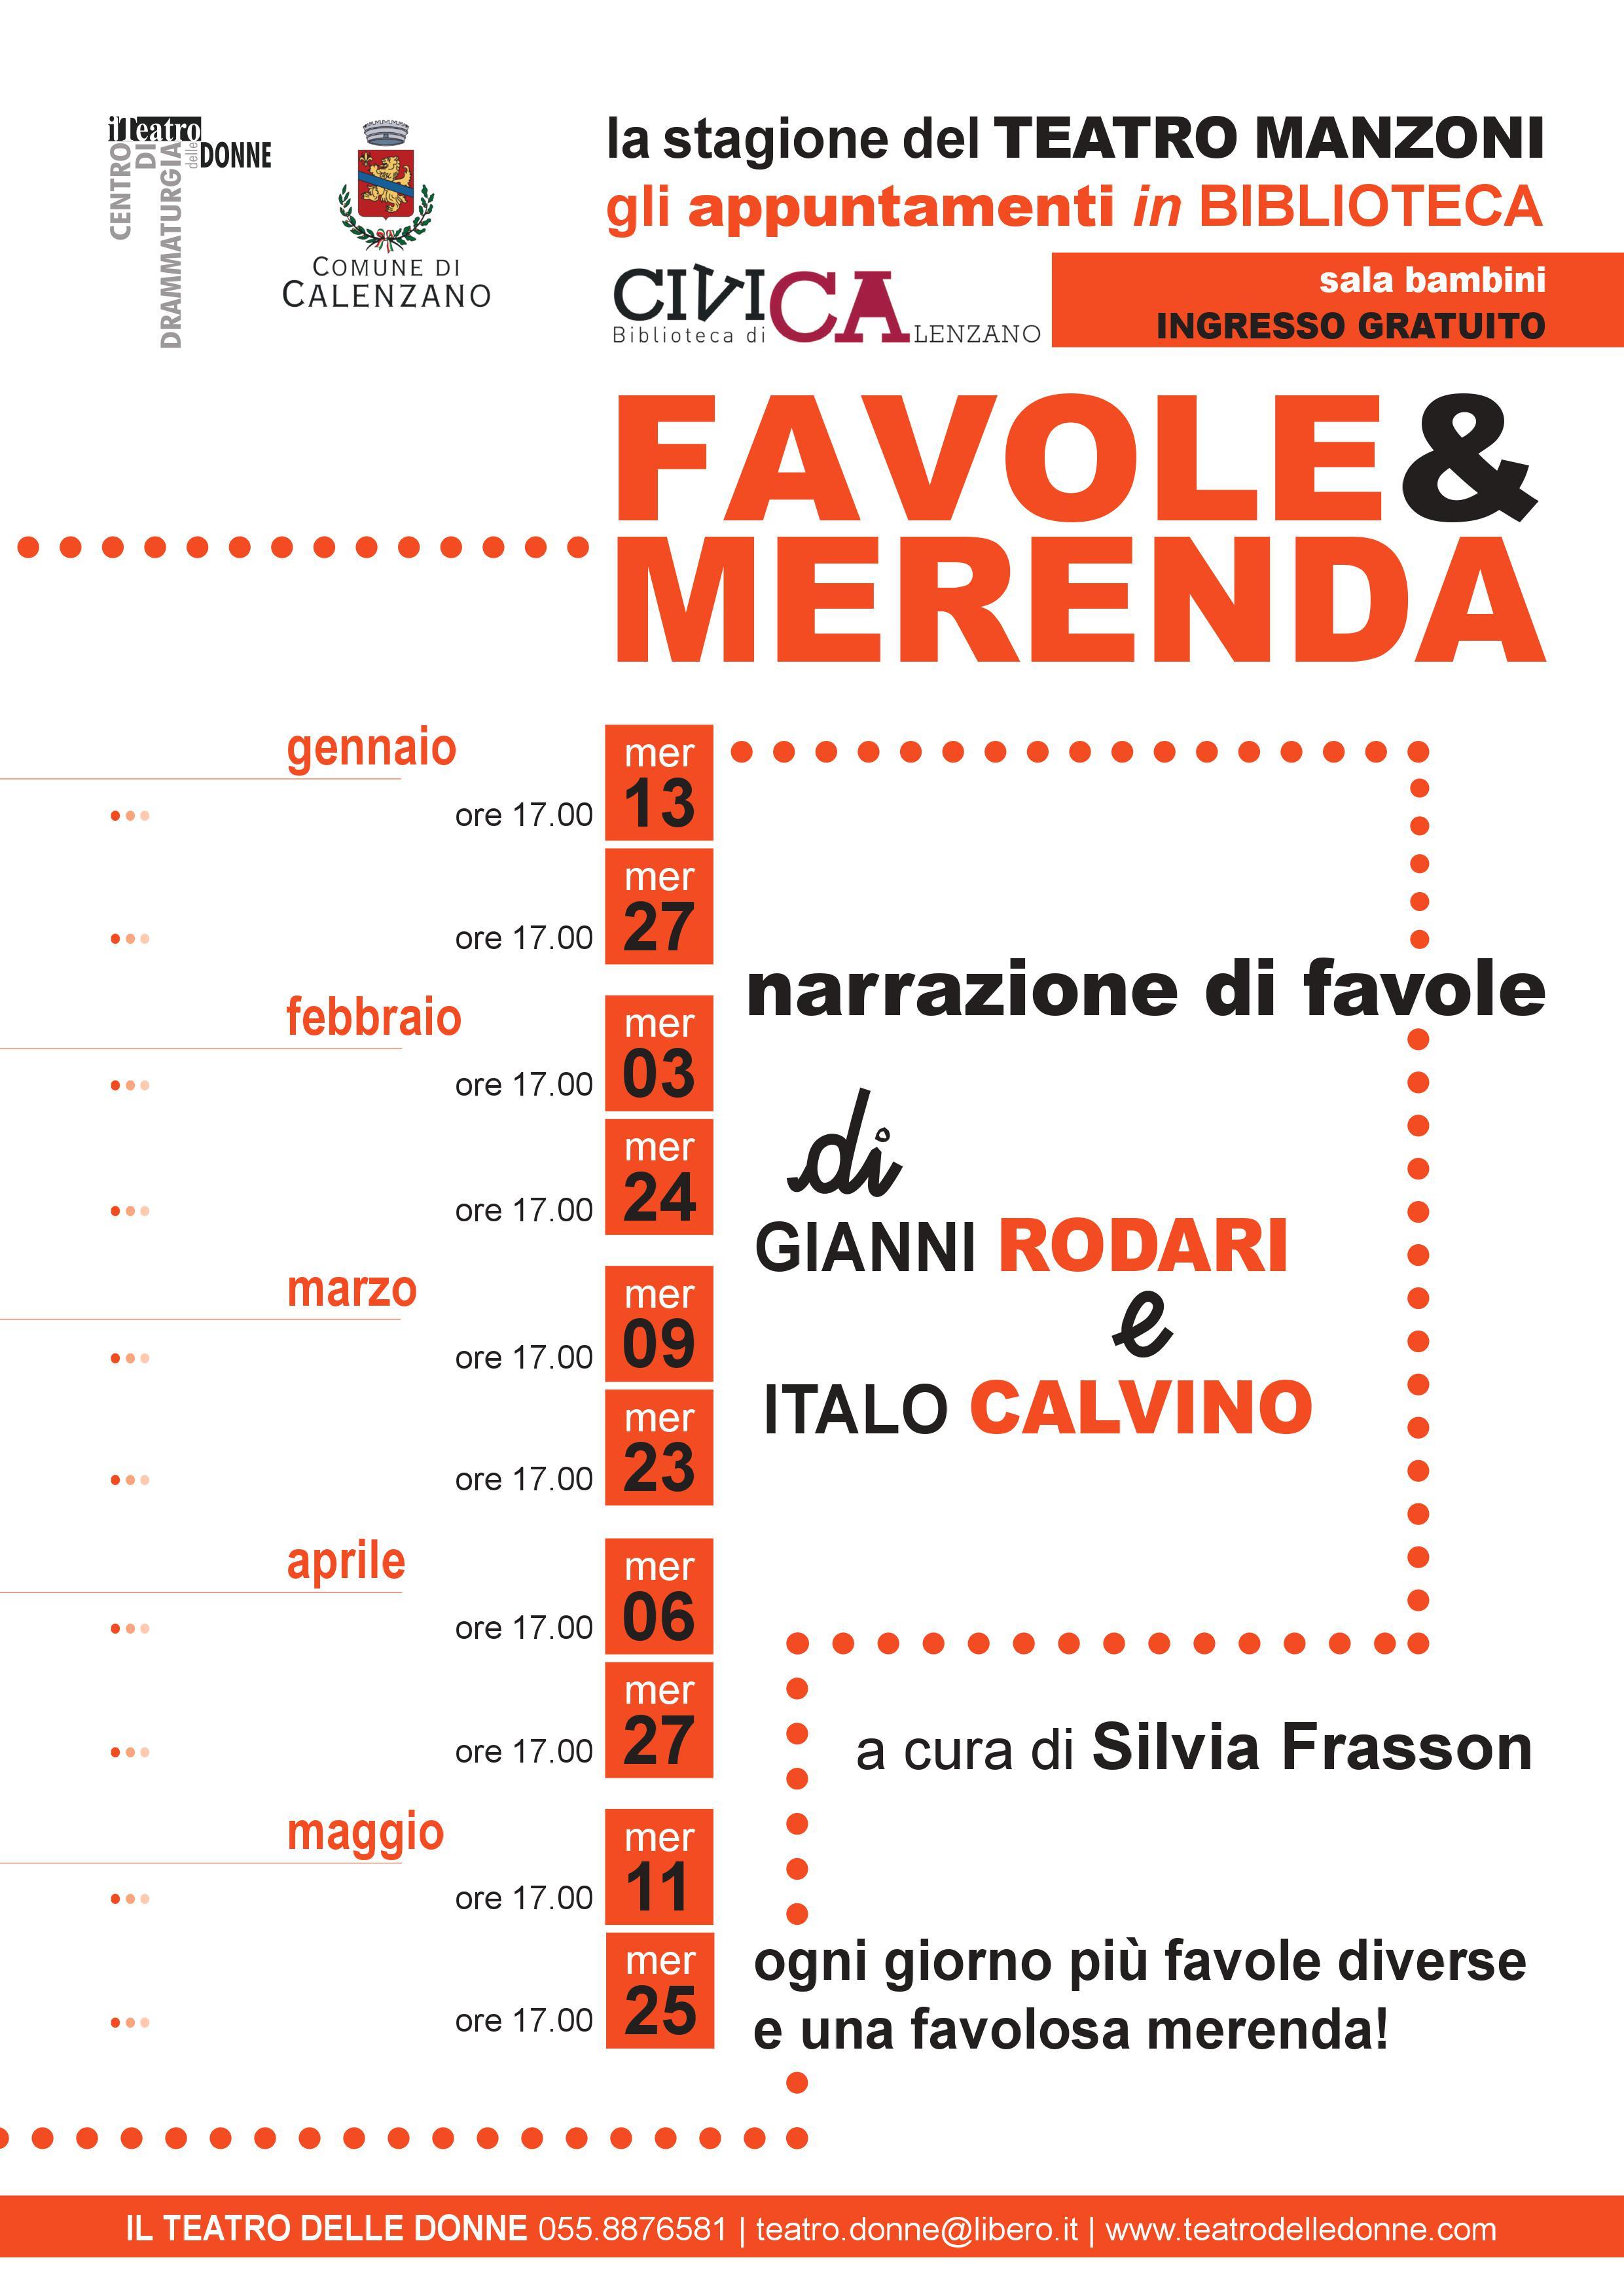 Favole e merenda in biblioteca a Calenzano